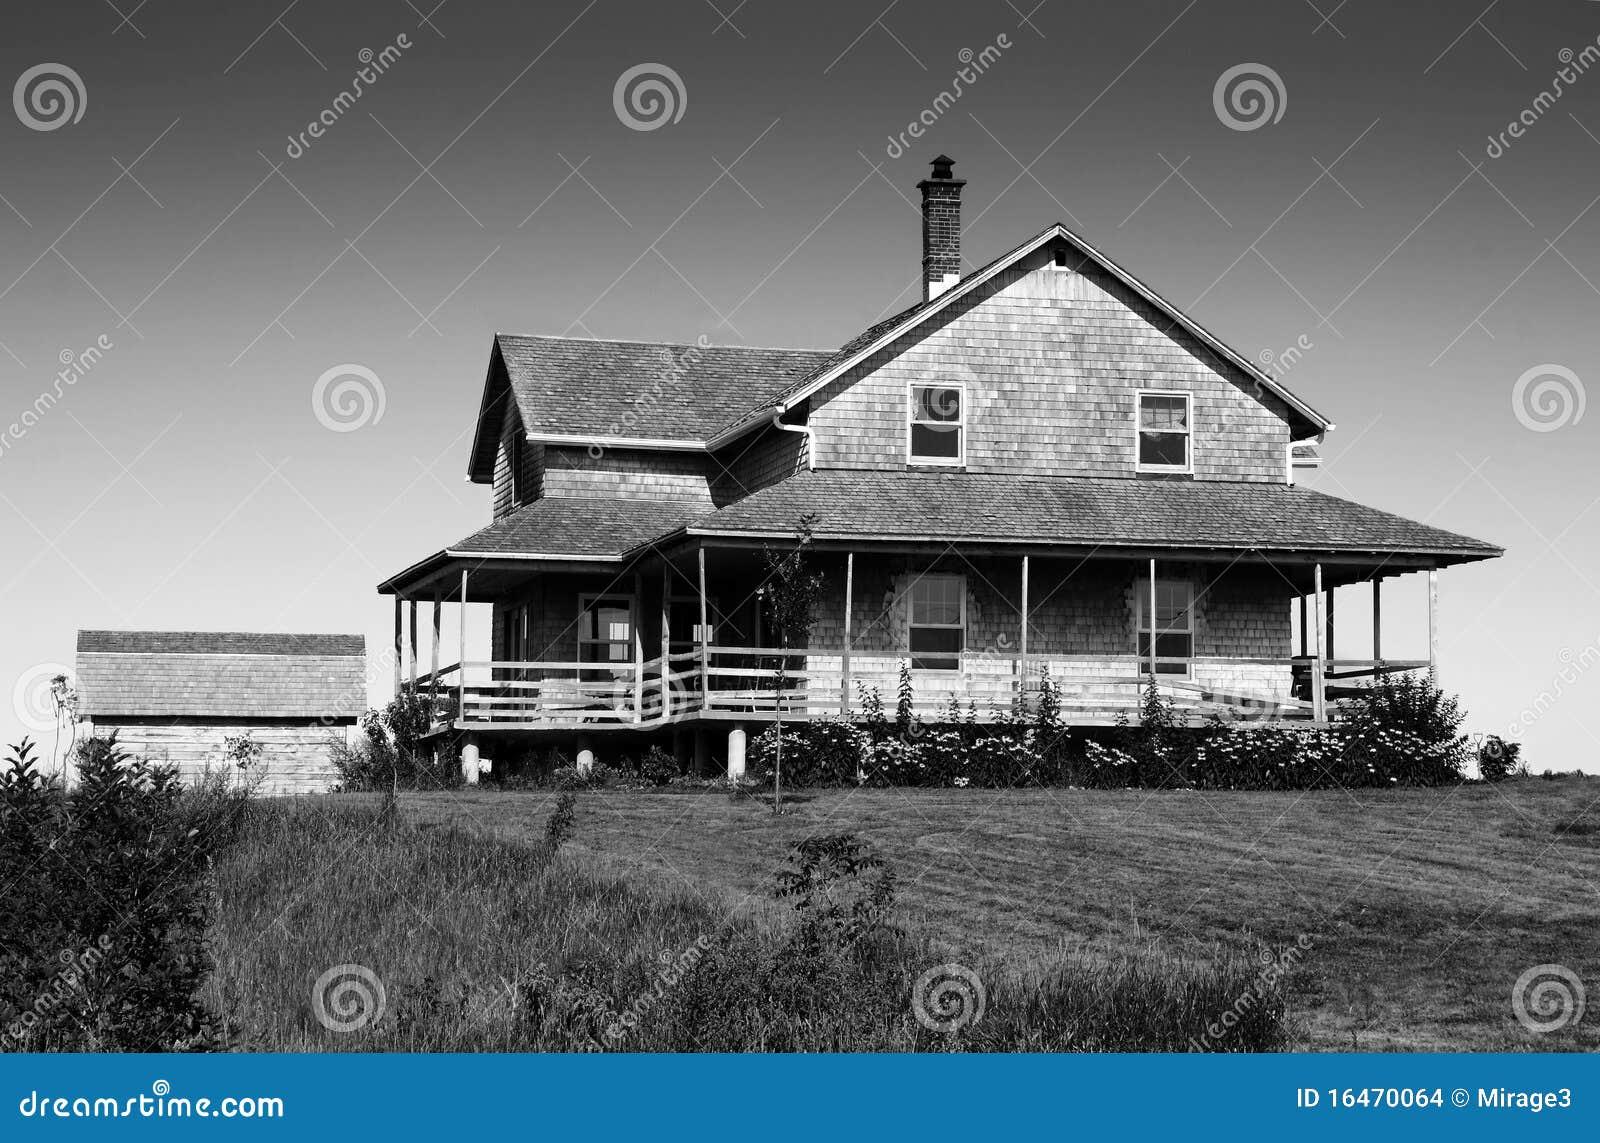 Noir et blanc de la maison de bardeau de c dre - Maison noir et blanc ...